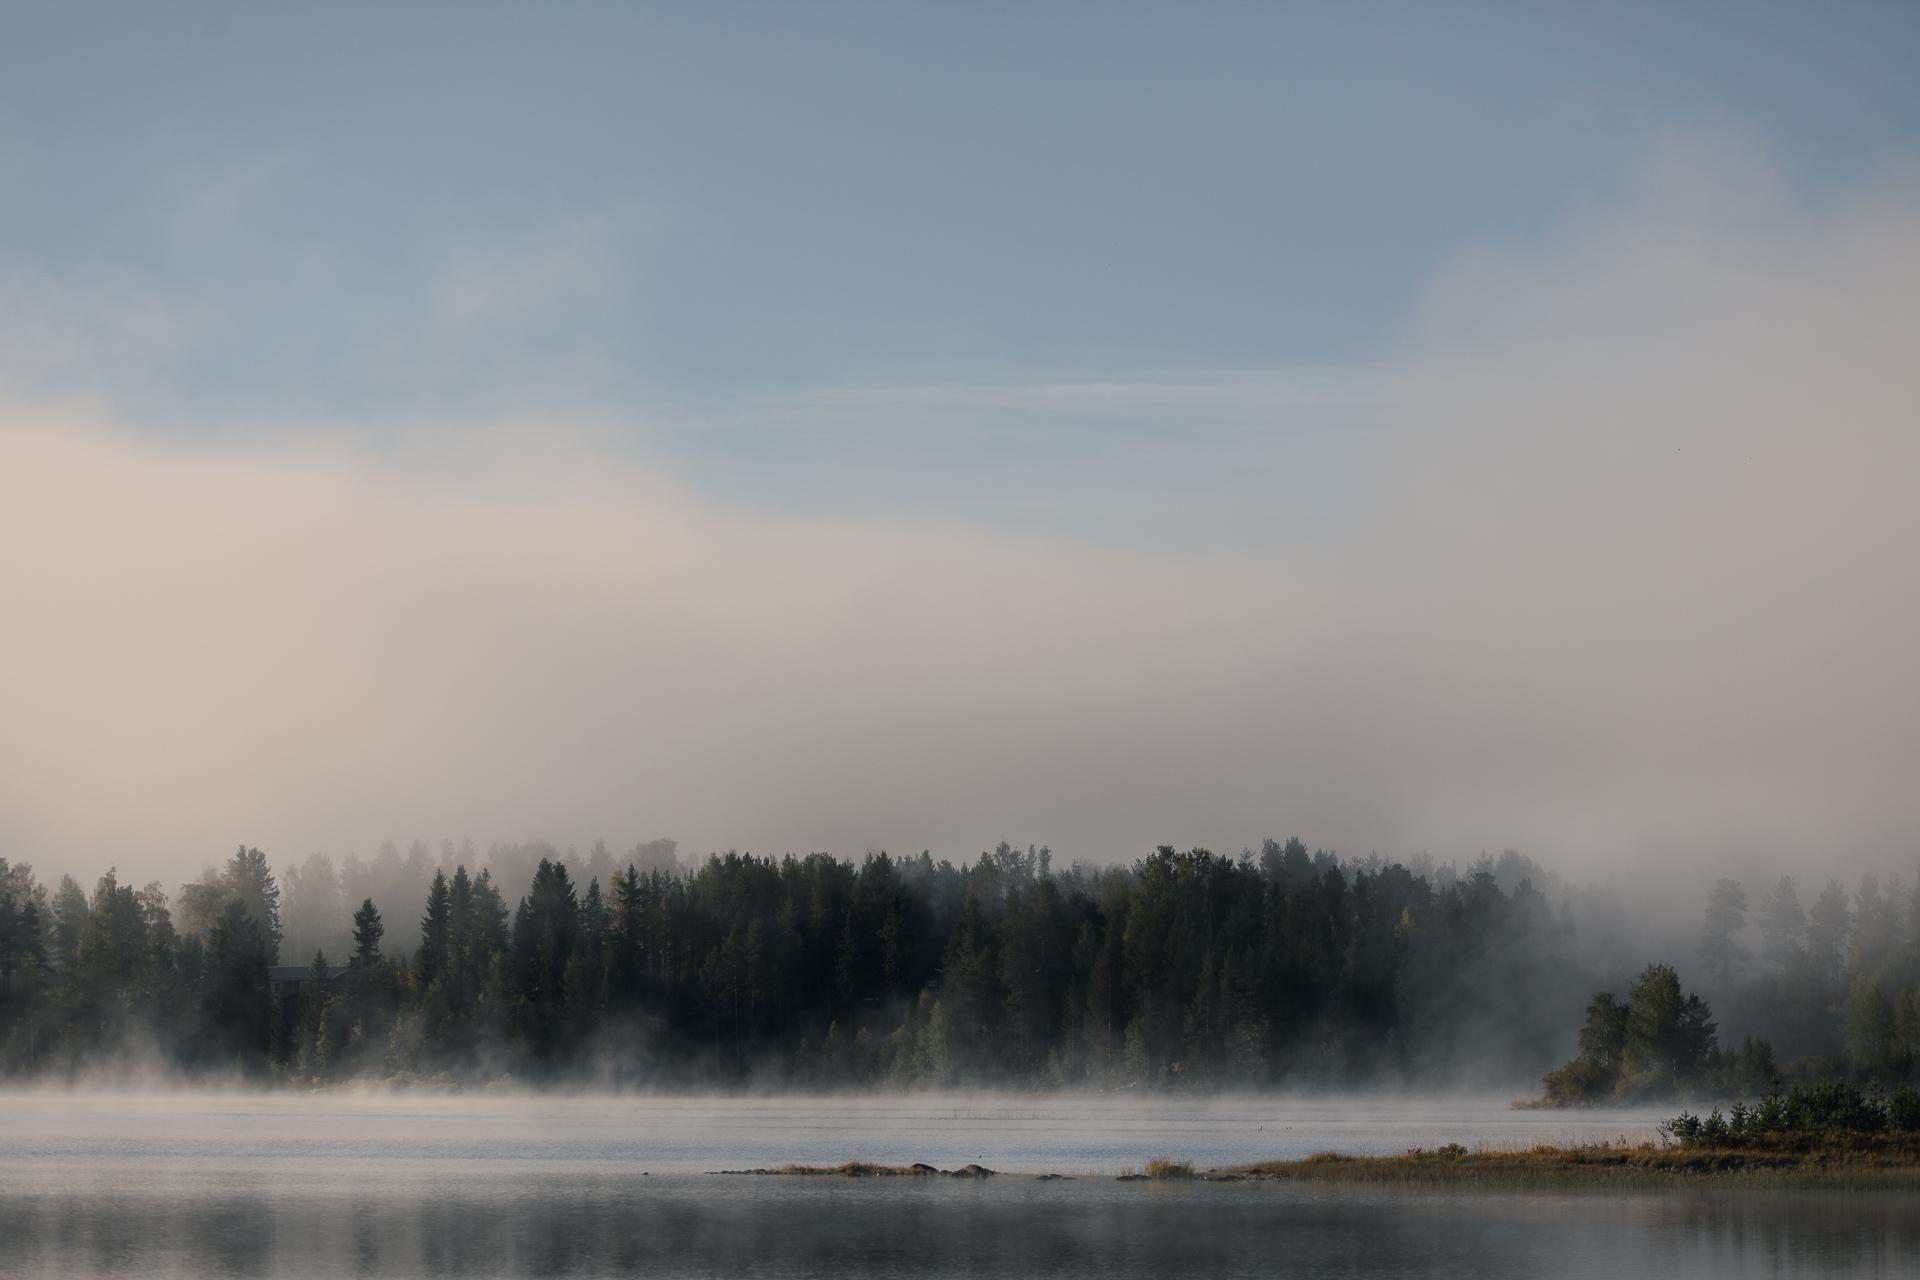 morgondimma lättar över Särnsjön